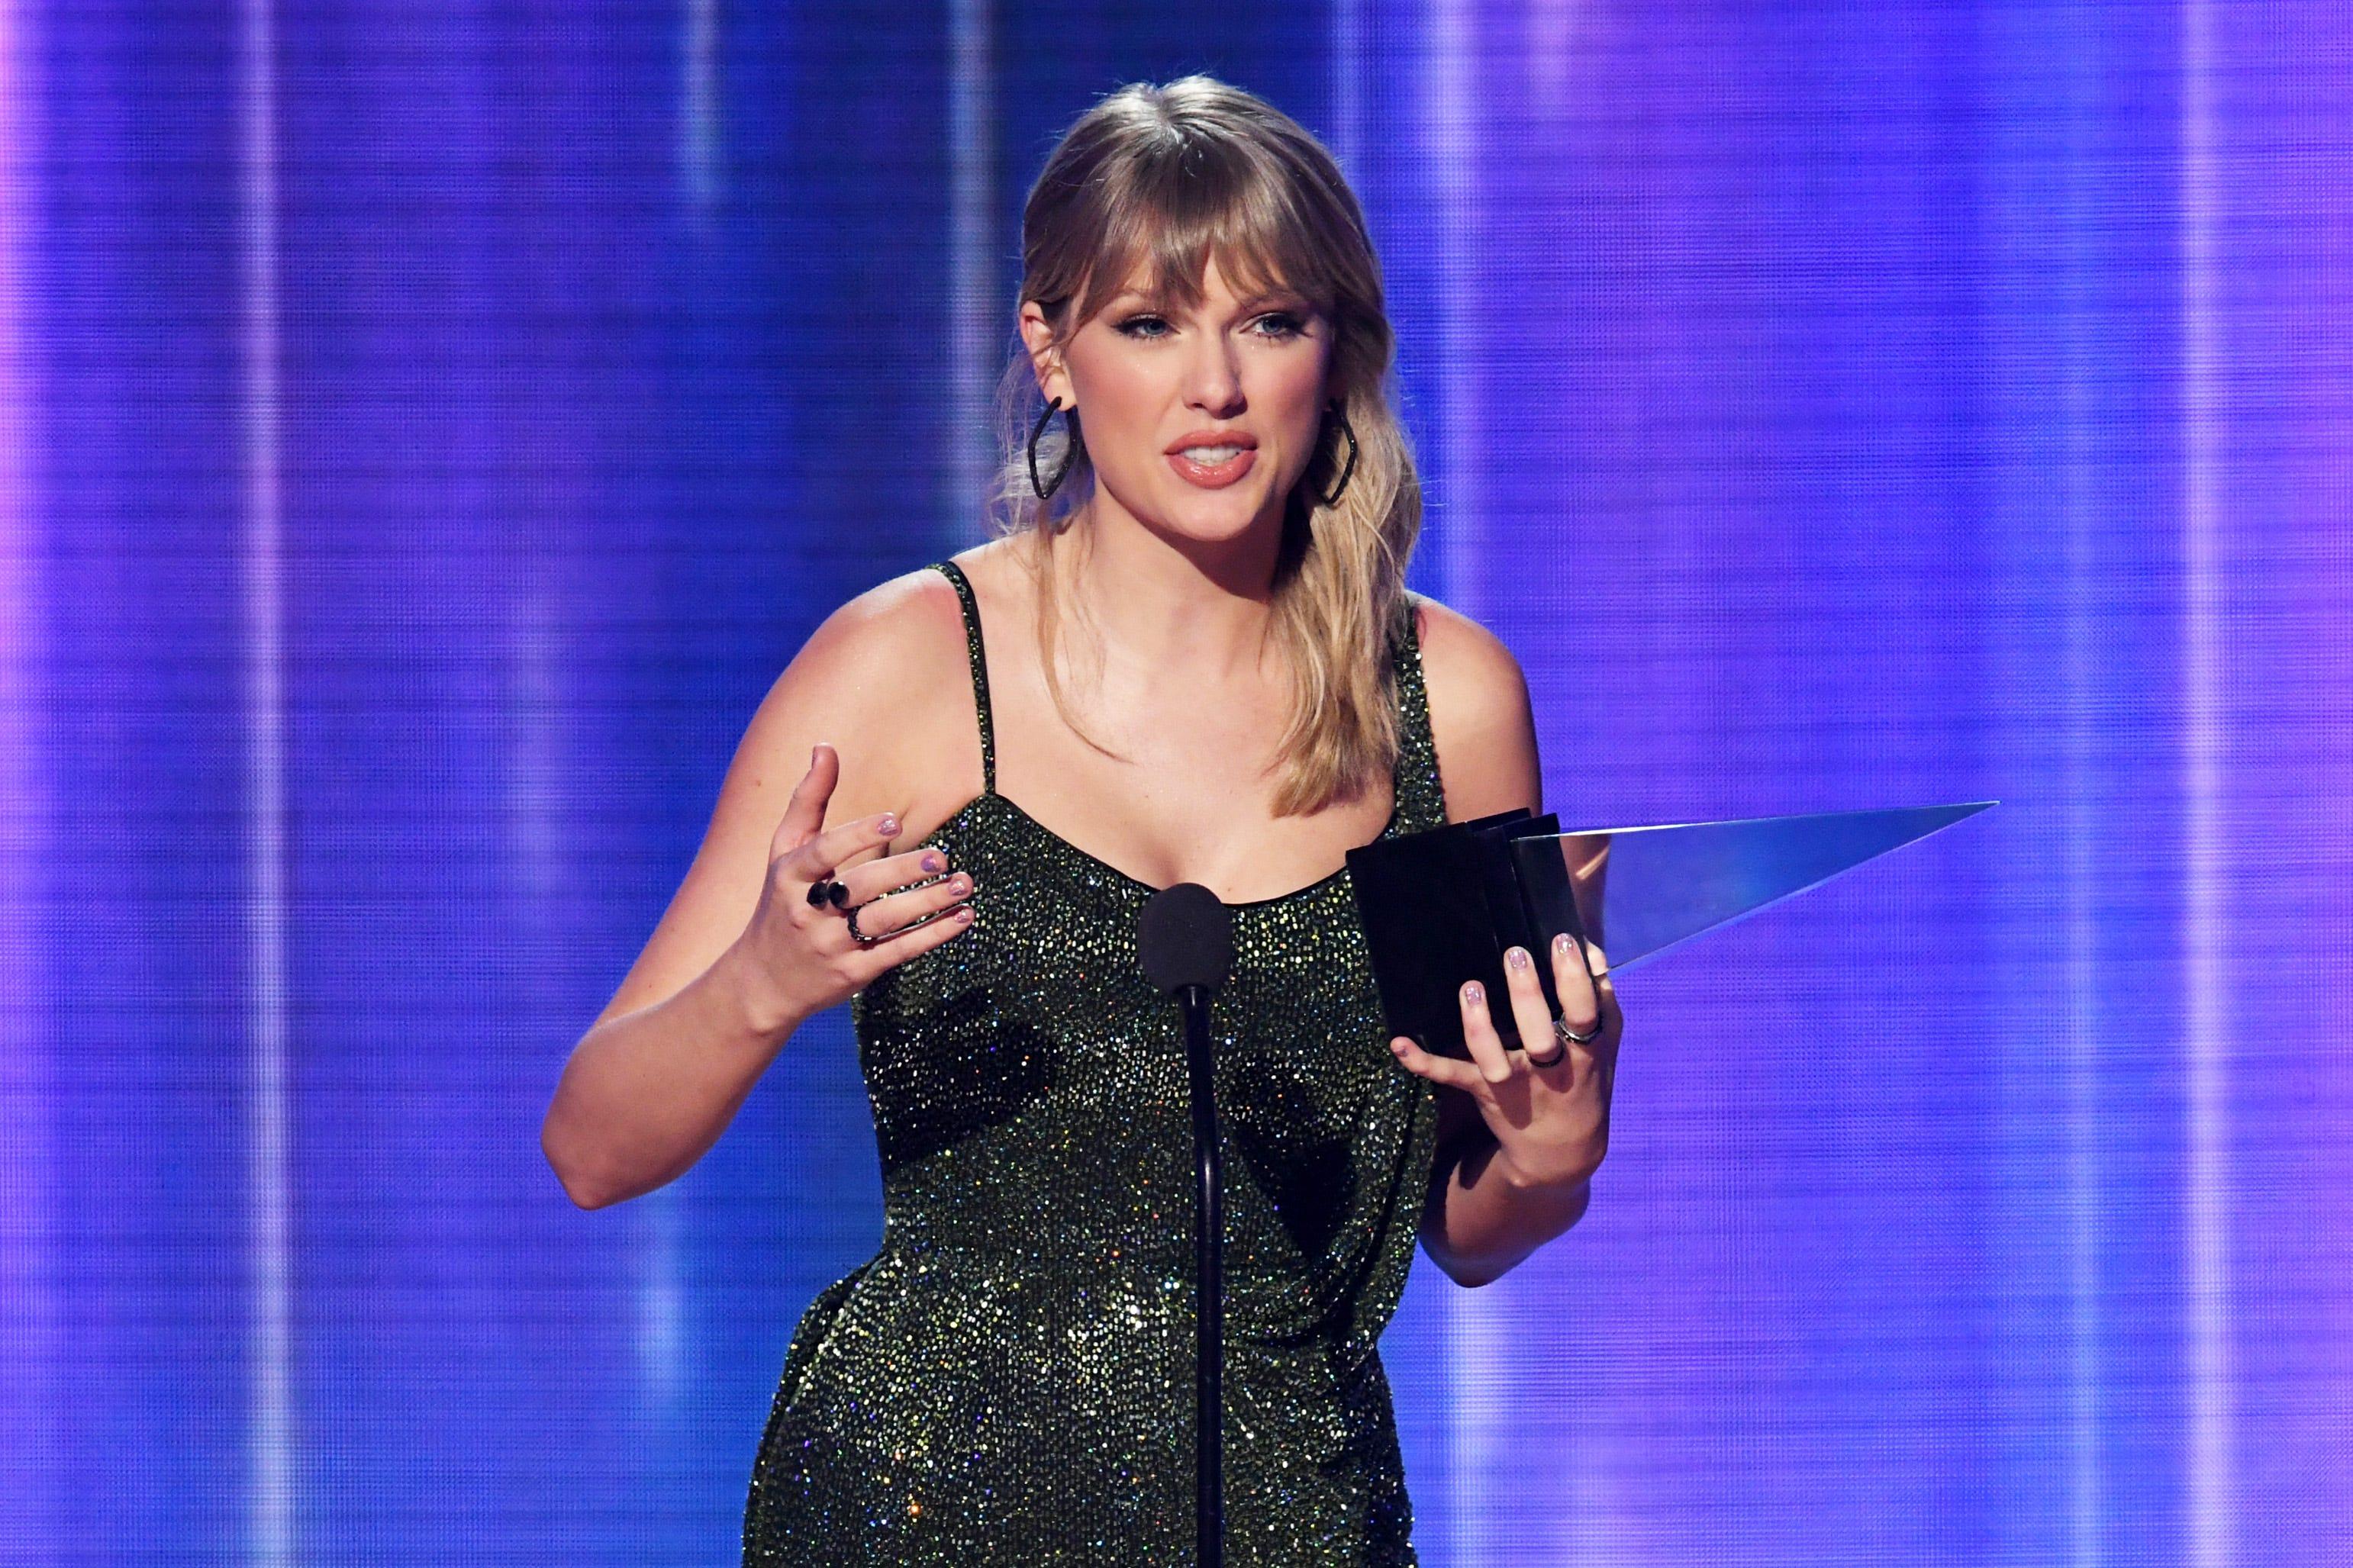 AMAs 2019 winners  list: Taylor Swift is tops; Dan + Shay, Billie Eilish win two each